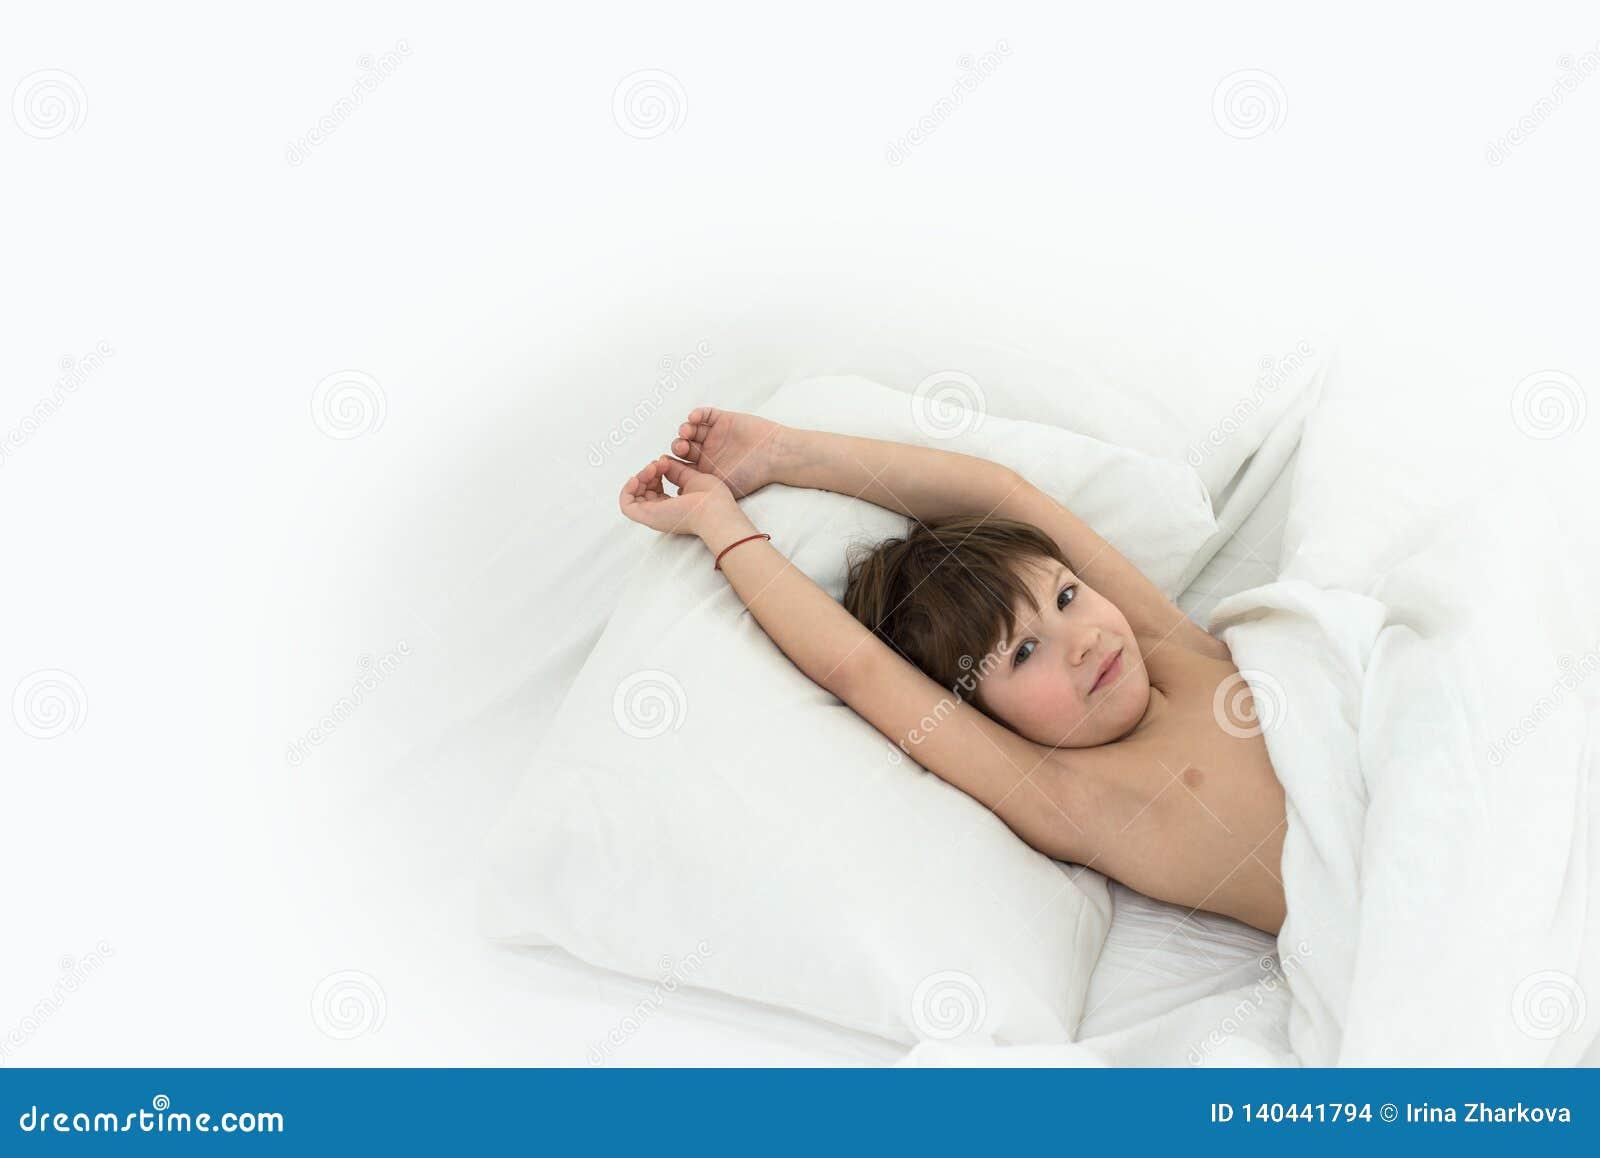 Мальчик лежит в кровати на белые постельные белья смещать ребенок